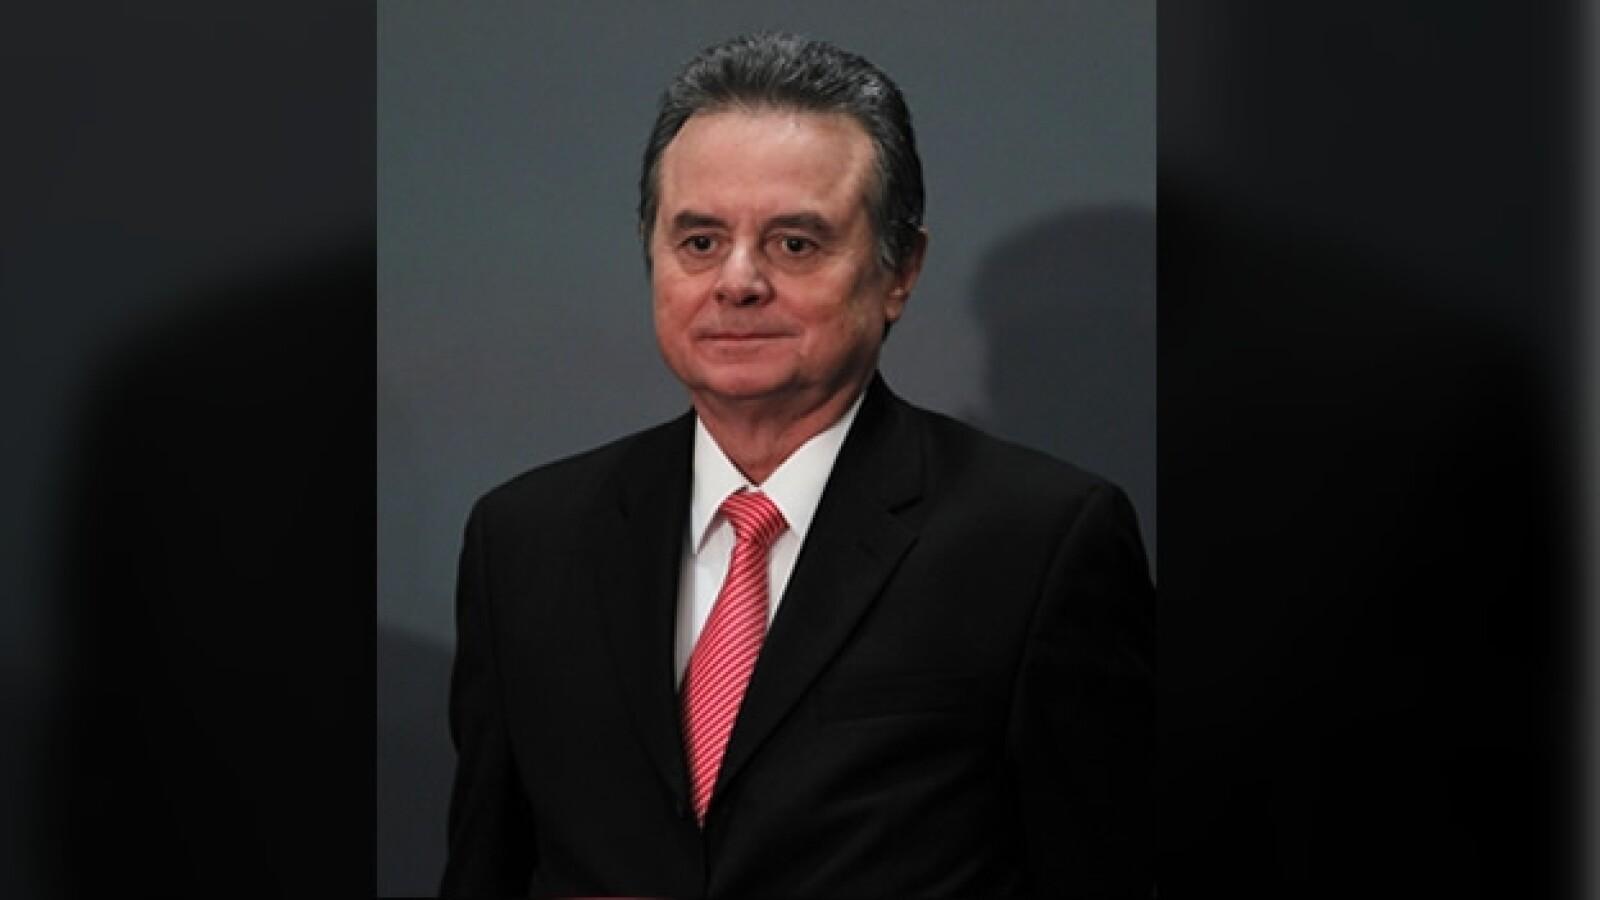 Pedro Joaquin Coldwell pesentacion gabinete